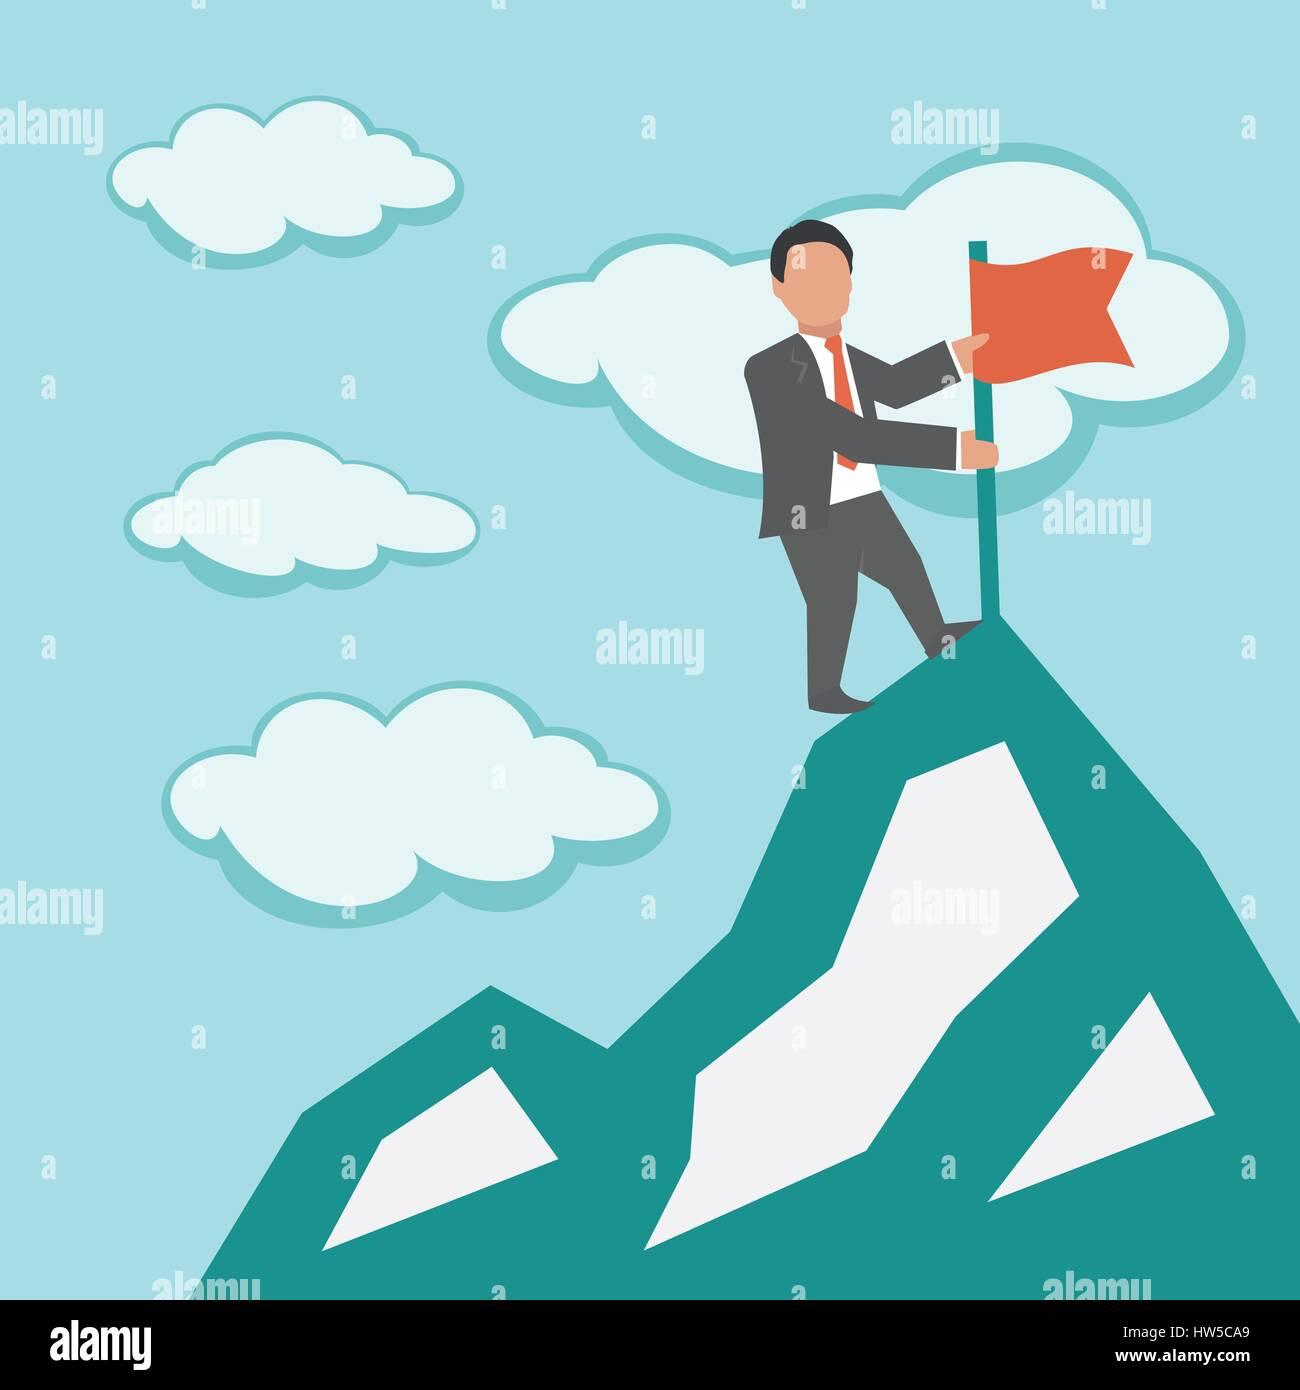 Liderazgo. Concepto de ilustración de negocios Imagen De Stock